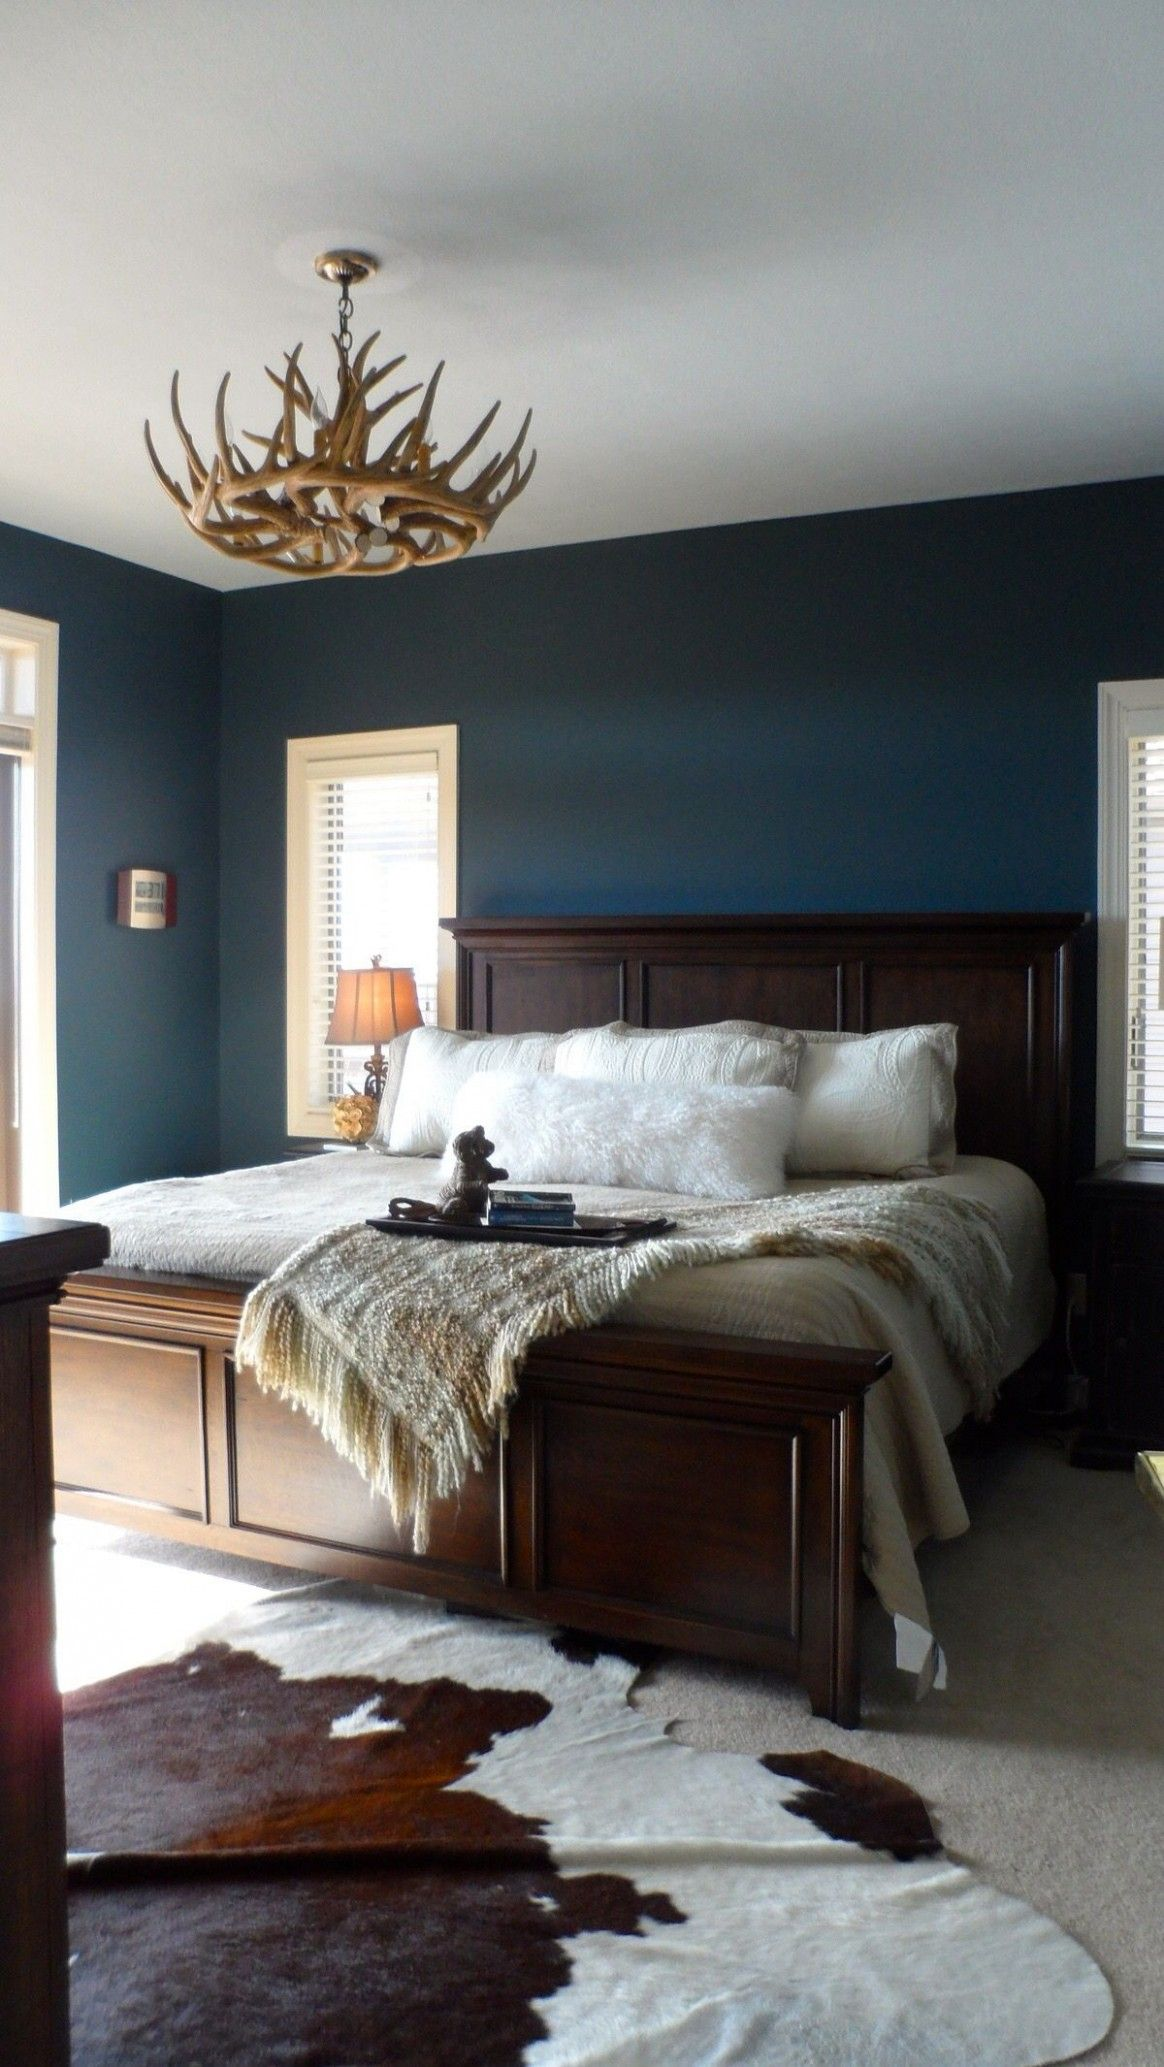 master bedroom ideas blue master bedroom ideas Dark Blue Bedroom Ideas id=59850